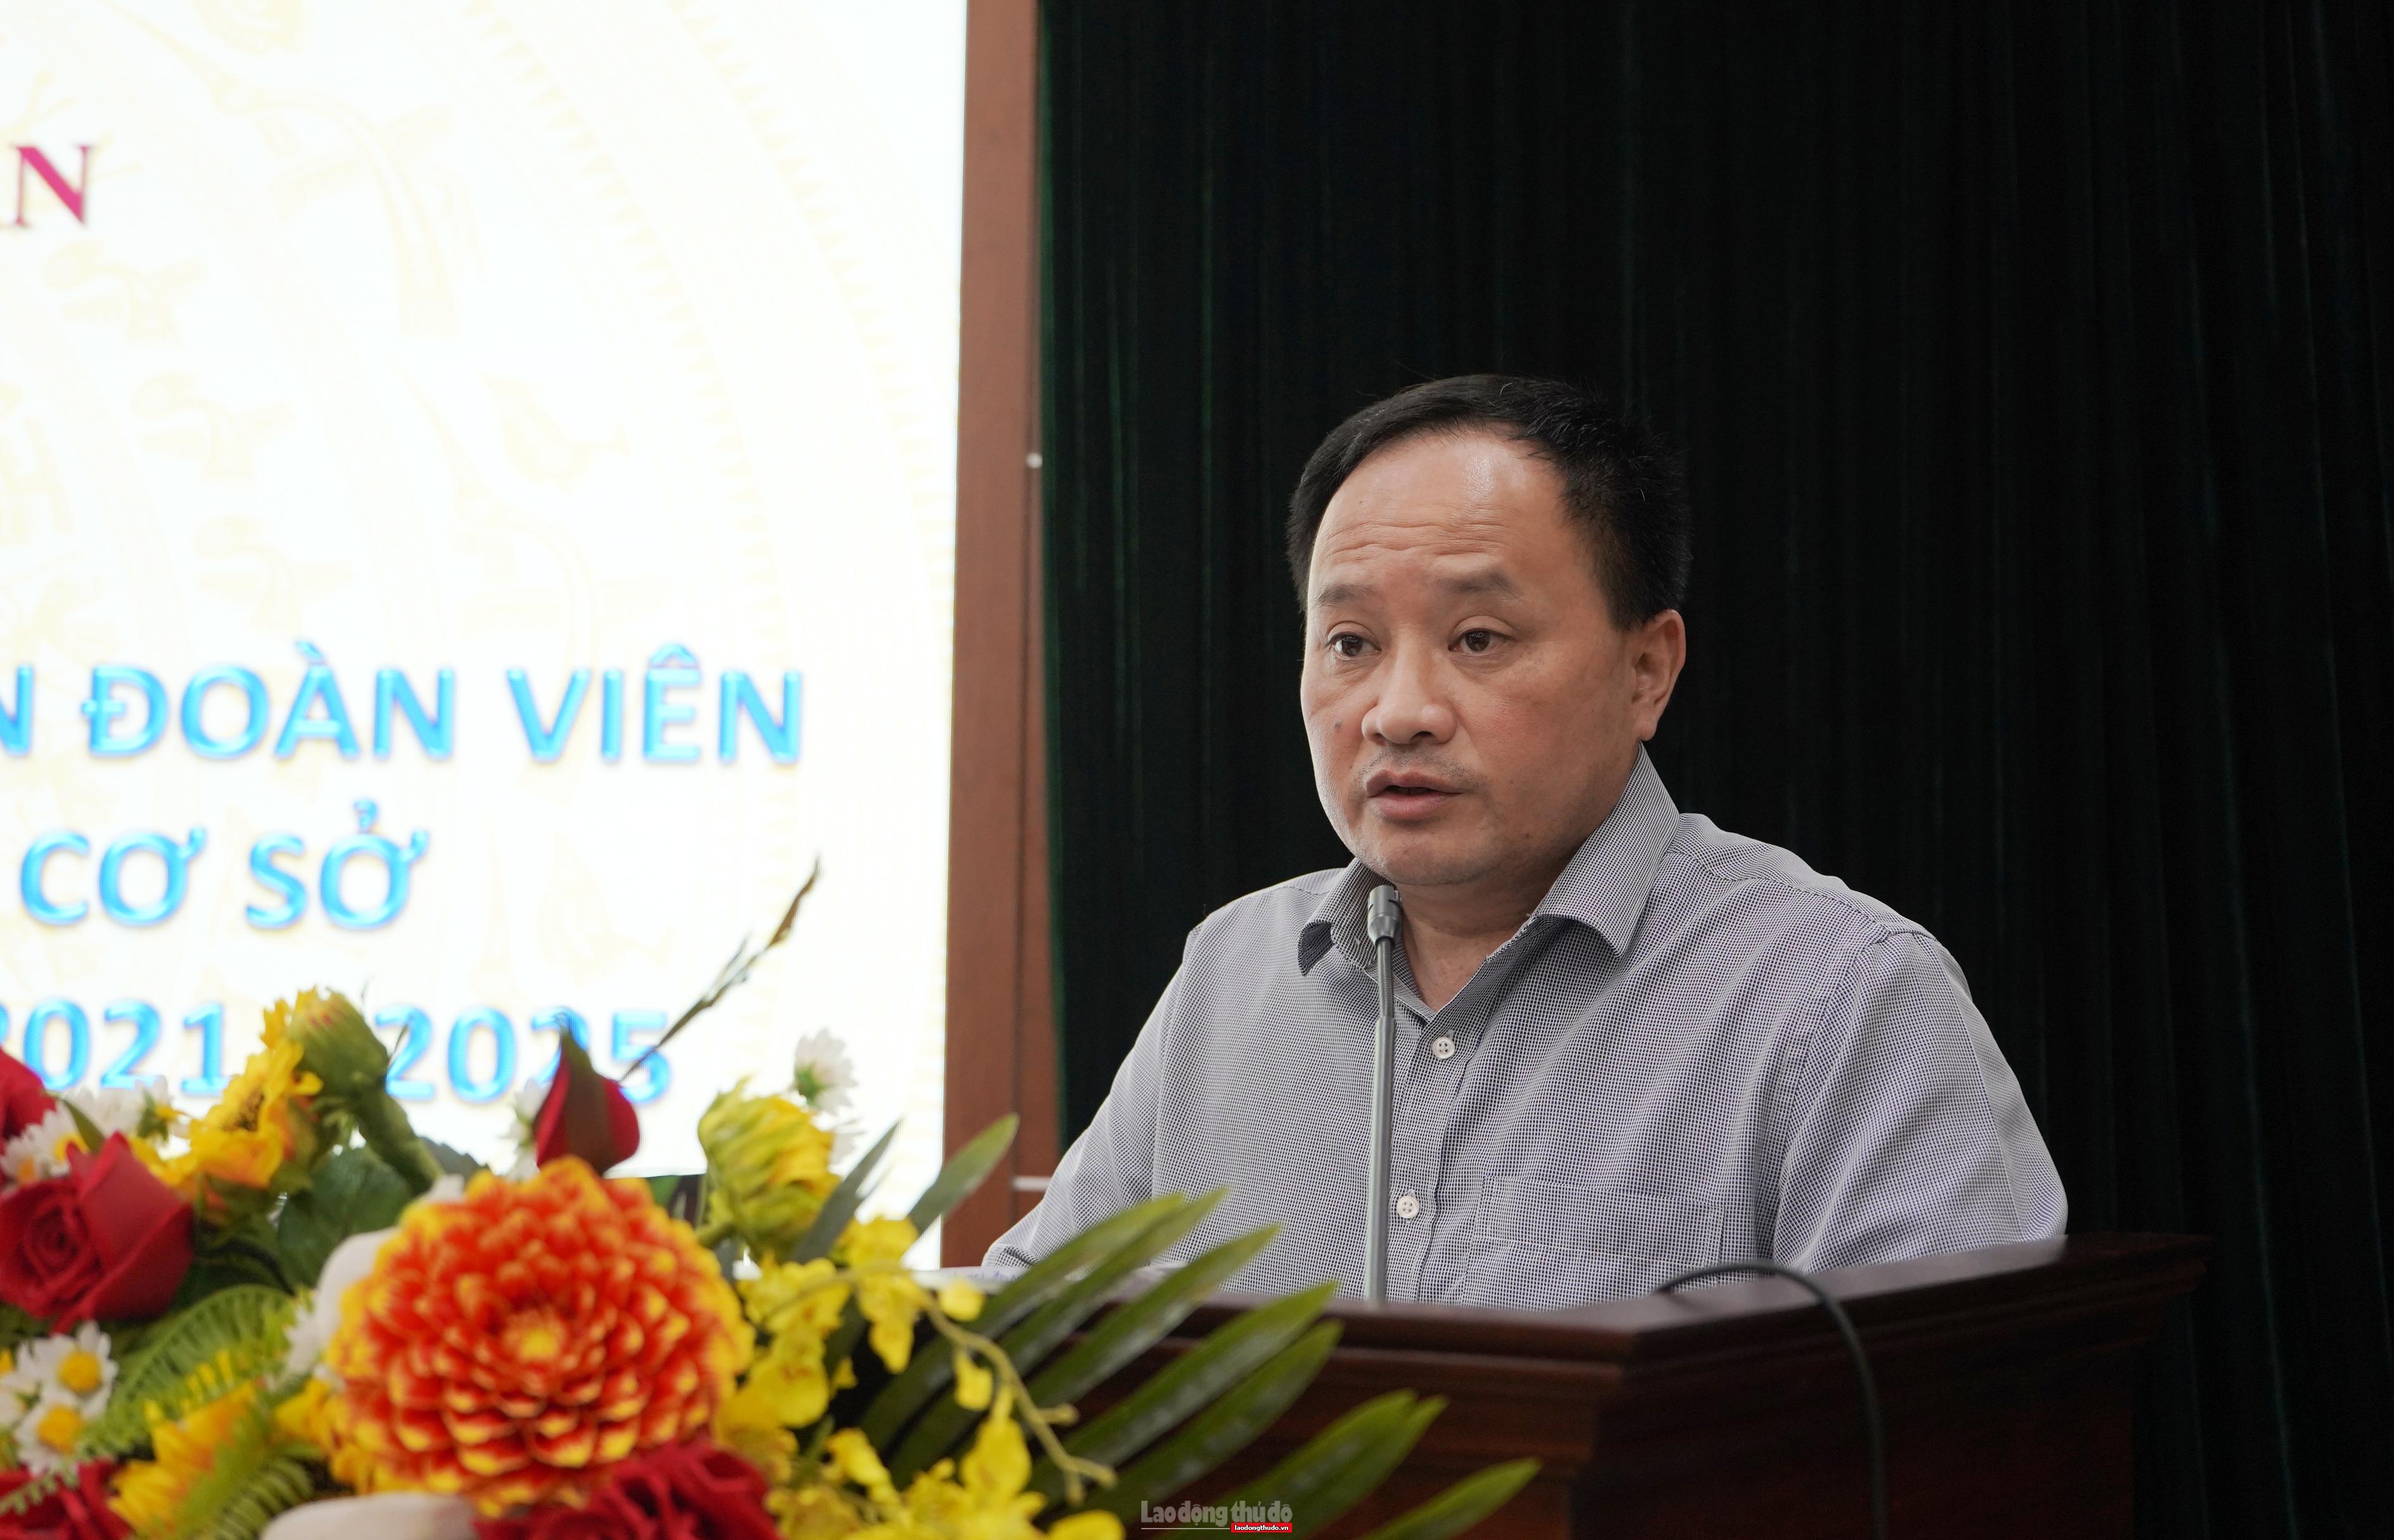 Nâng cao hiệu quả công tác phát triển đoàn viên, thành lập Công đoàn cơ sở ngoài khu vực Nhà nước